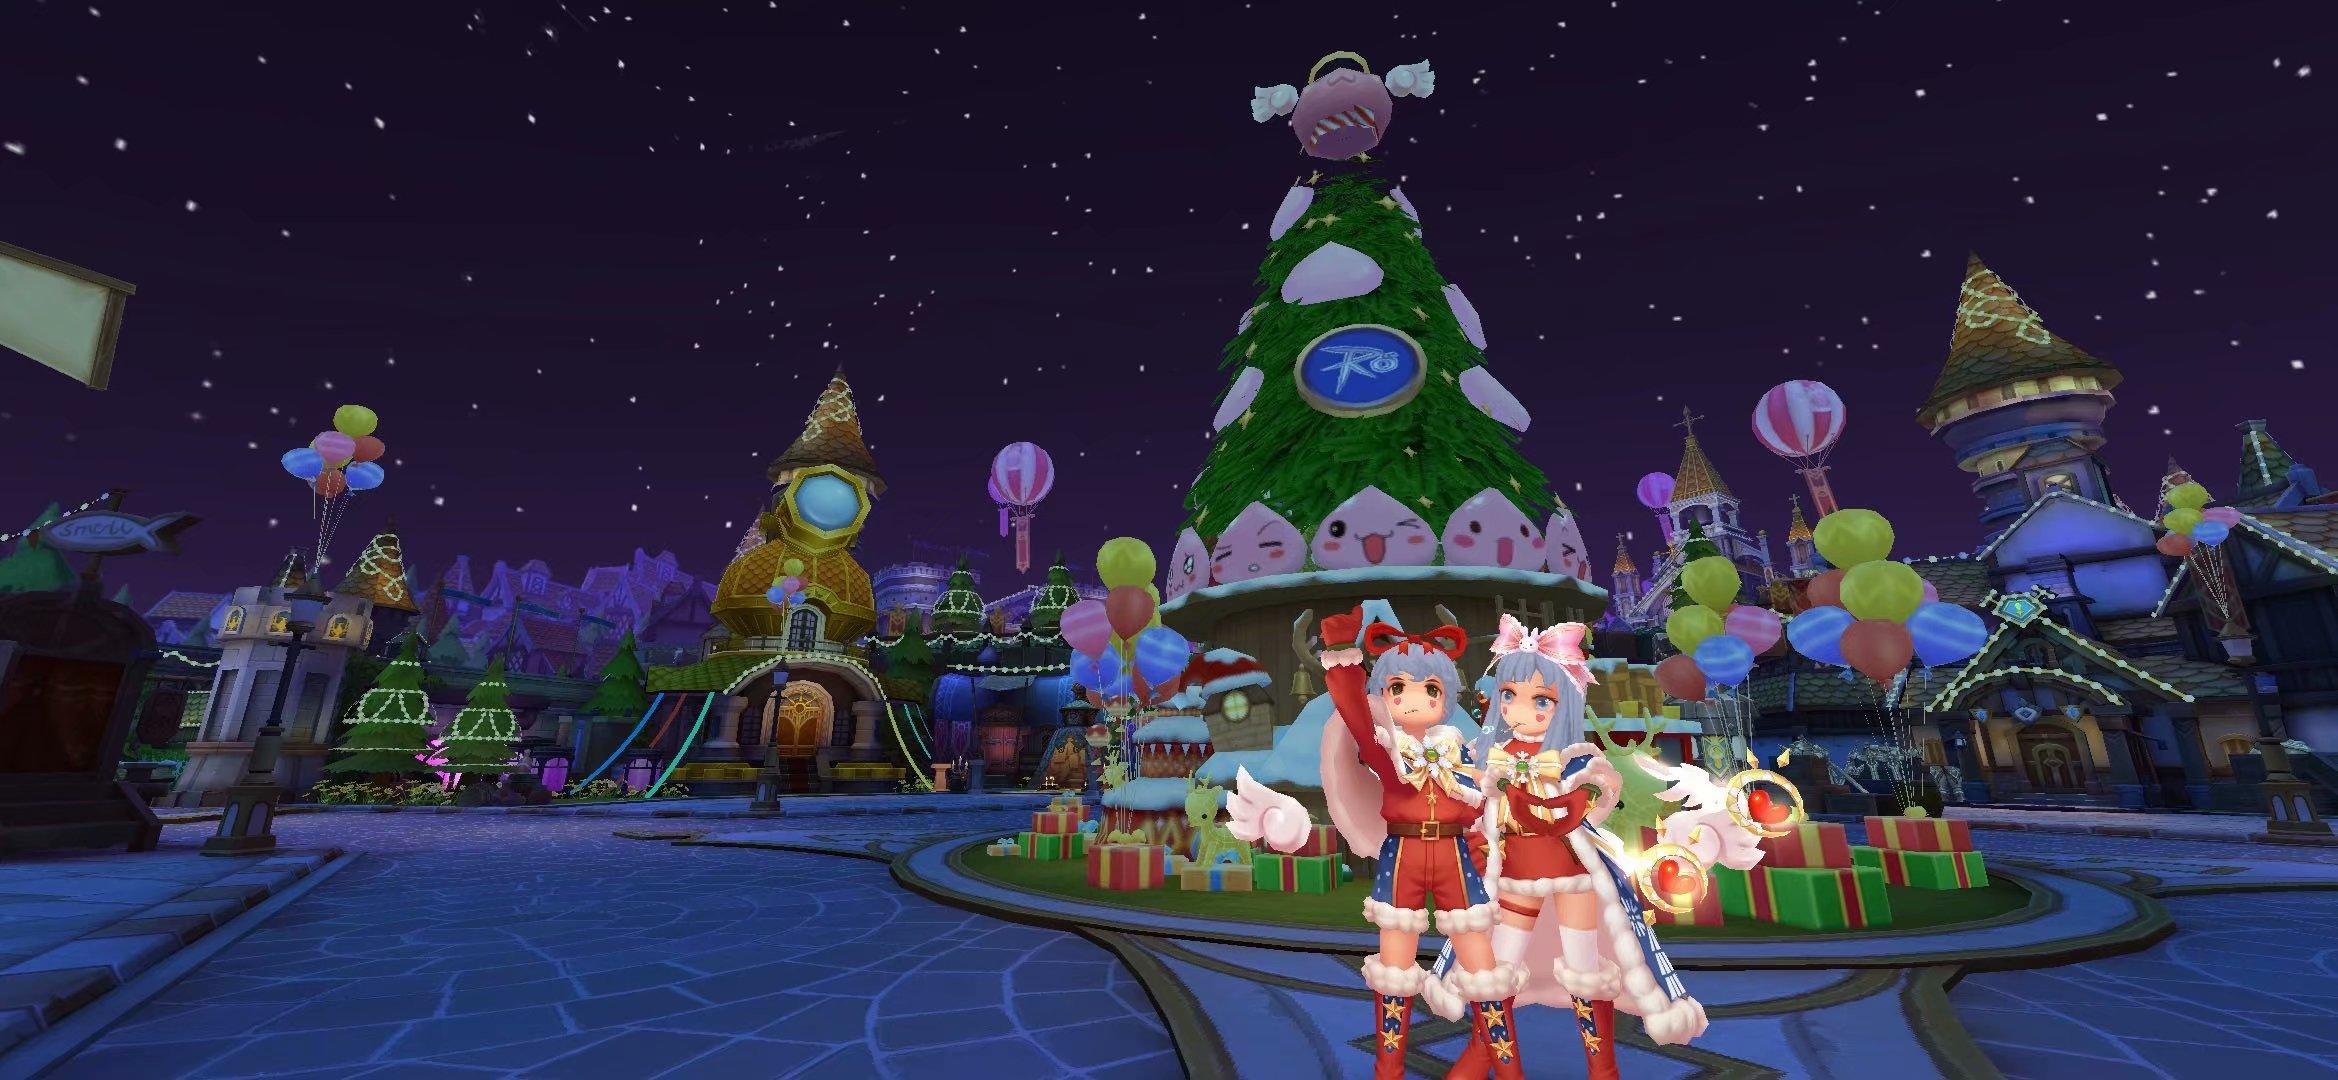 我跟圣诞老人说  礼物是我 小朋友 是你✨